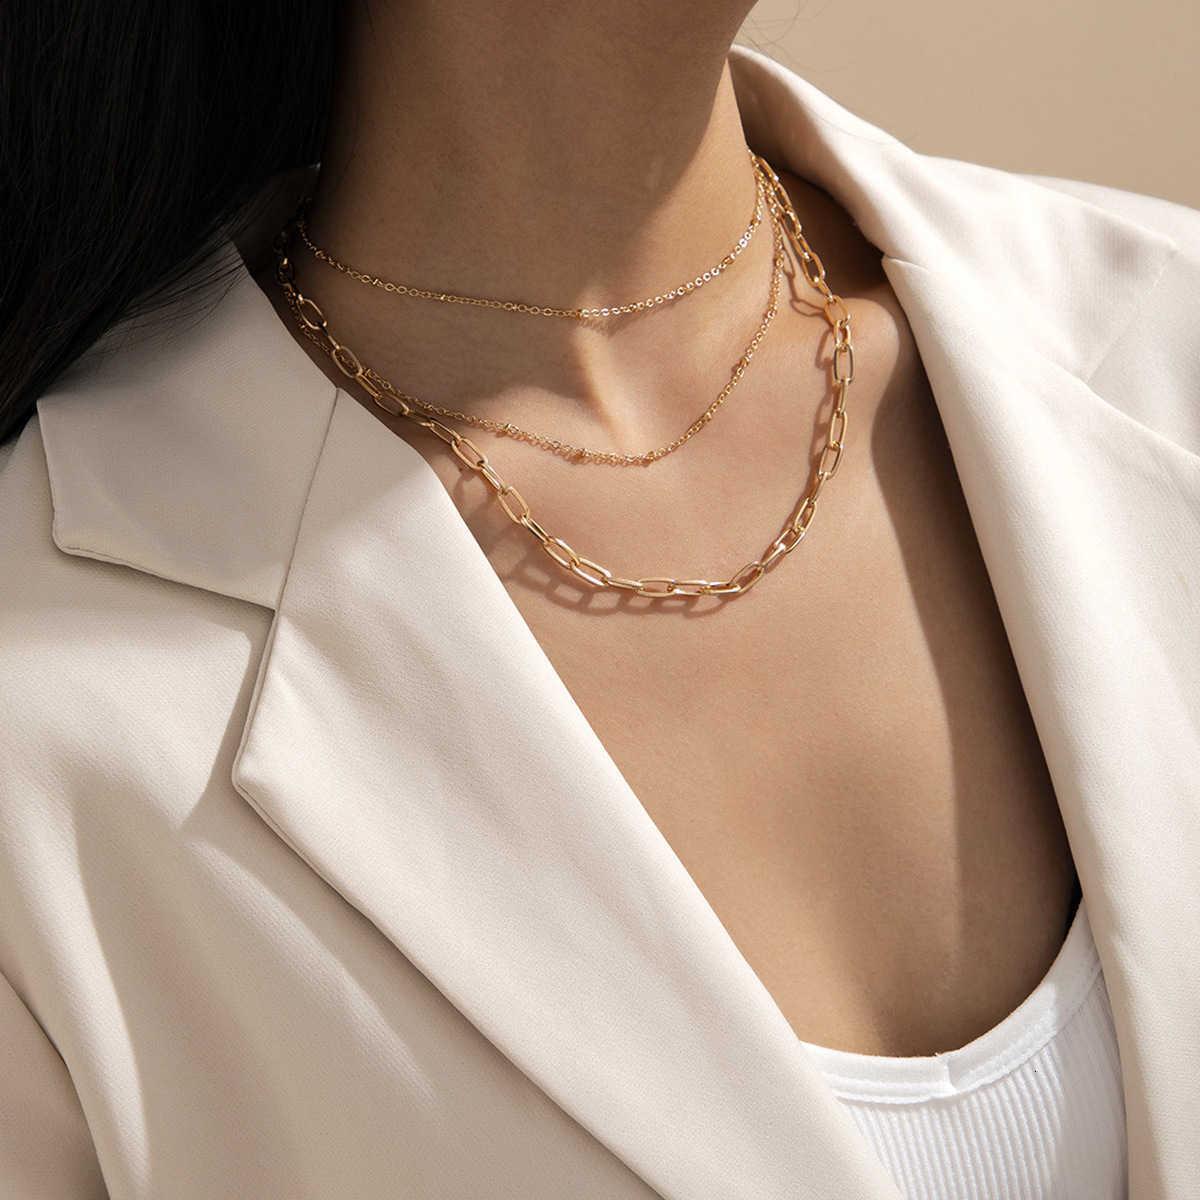 Çok katmanlı püskül kadın moda için basit kare ipek çapraz zincir kolye